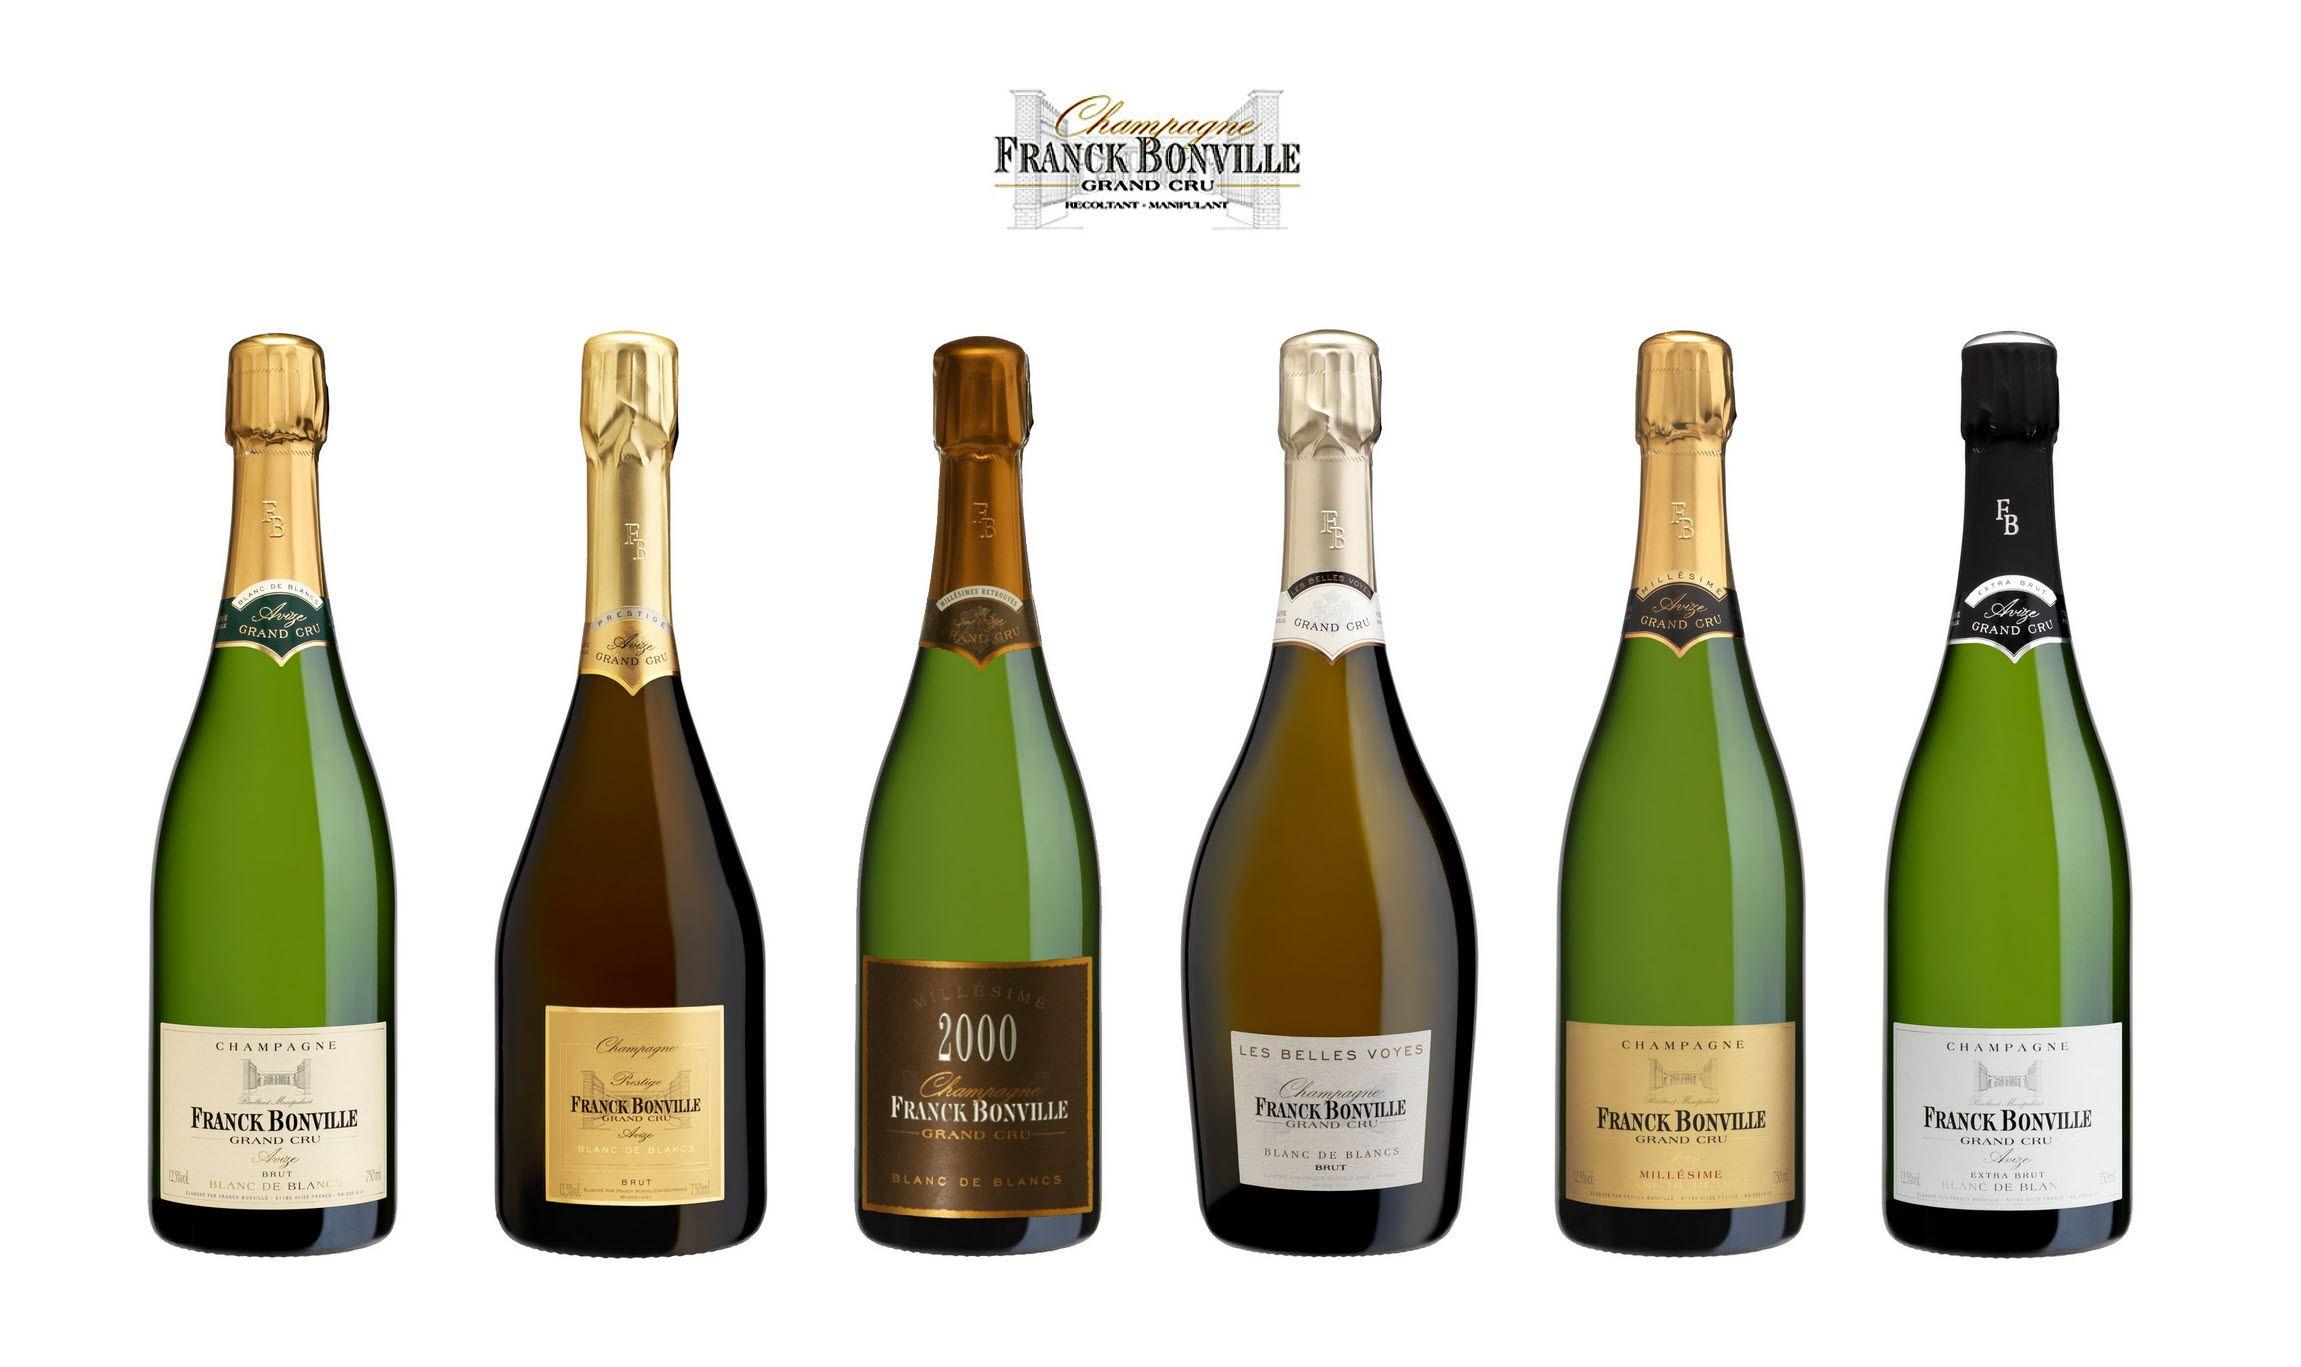 champagne f. bonville